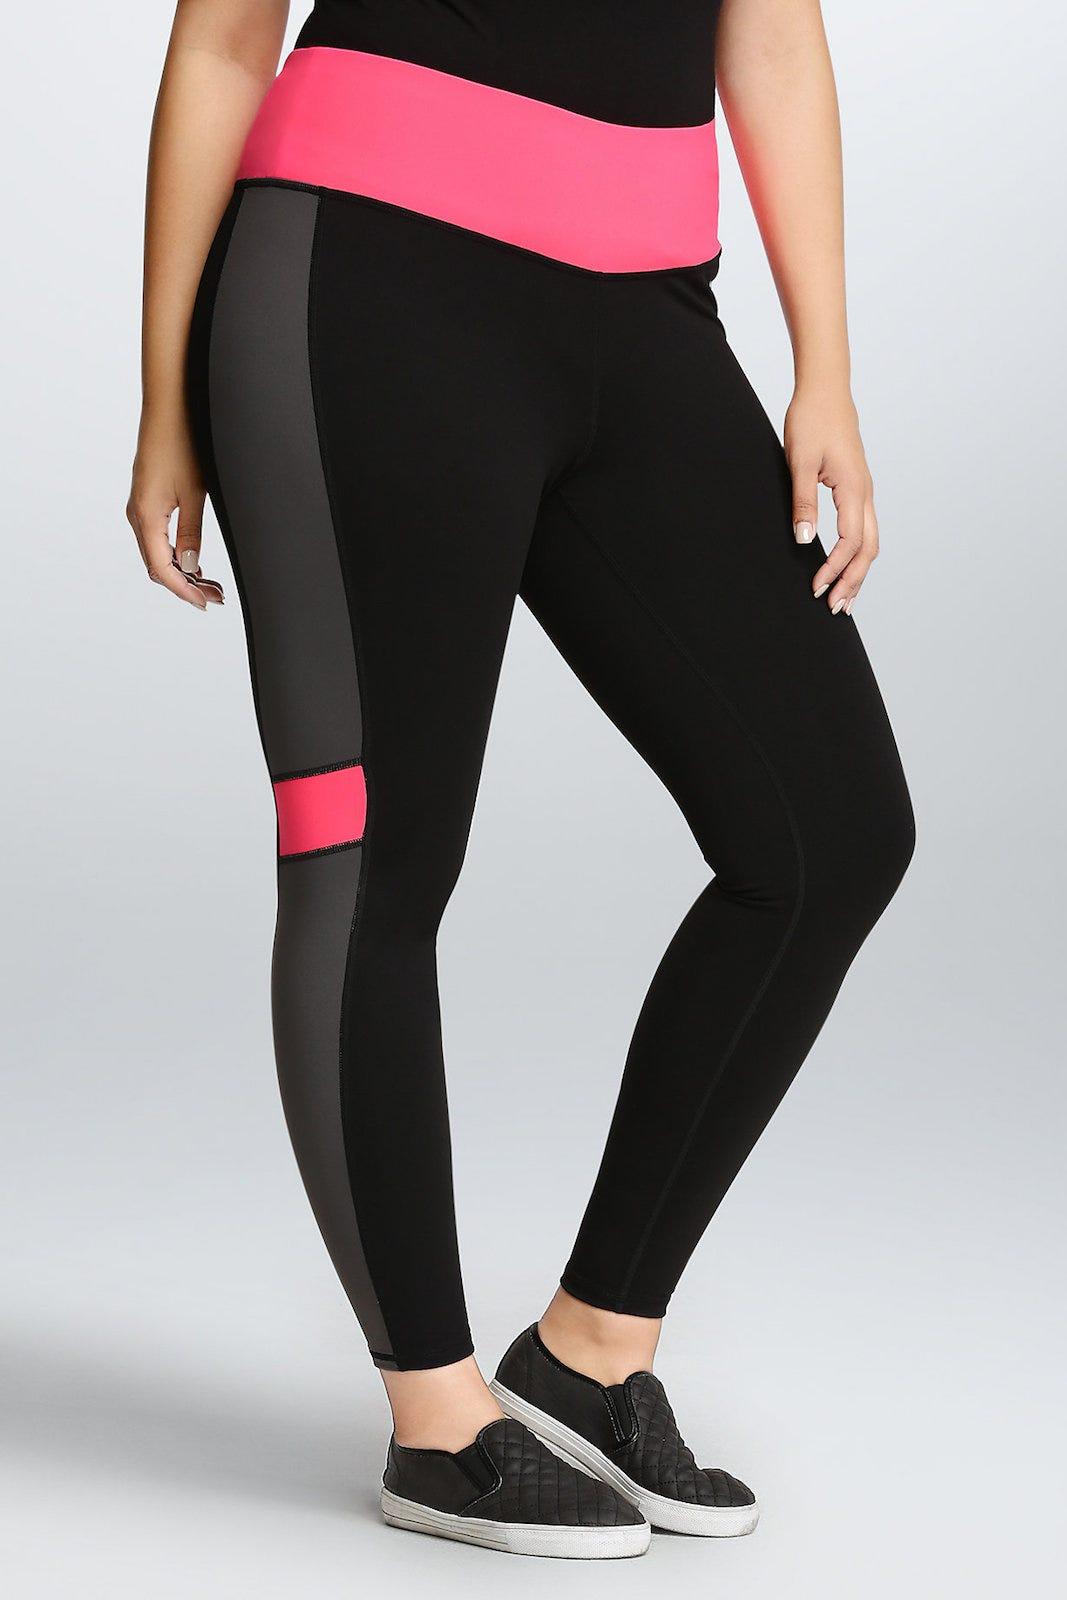 657995b0cba Plus Size Yoga Clothing